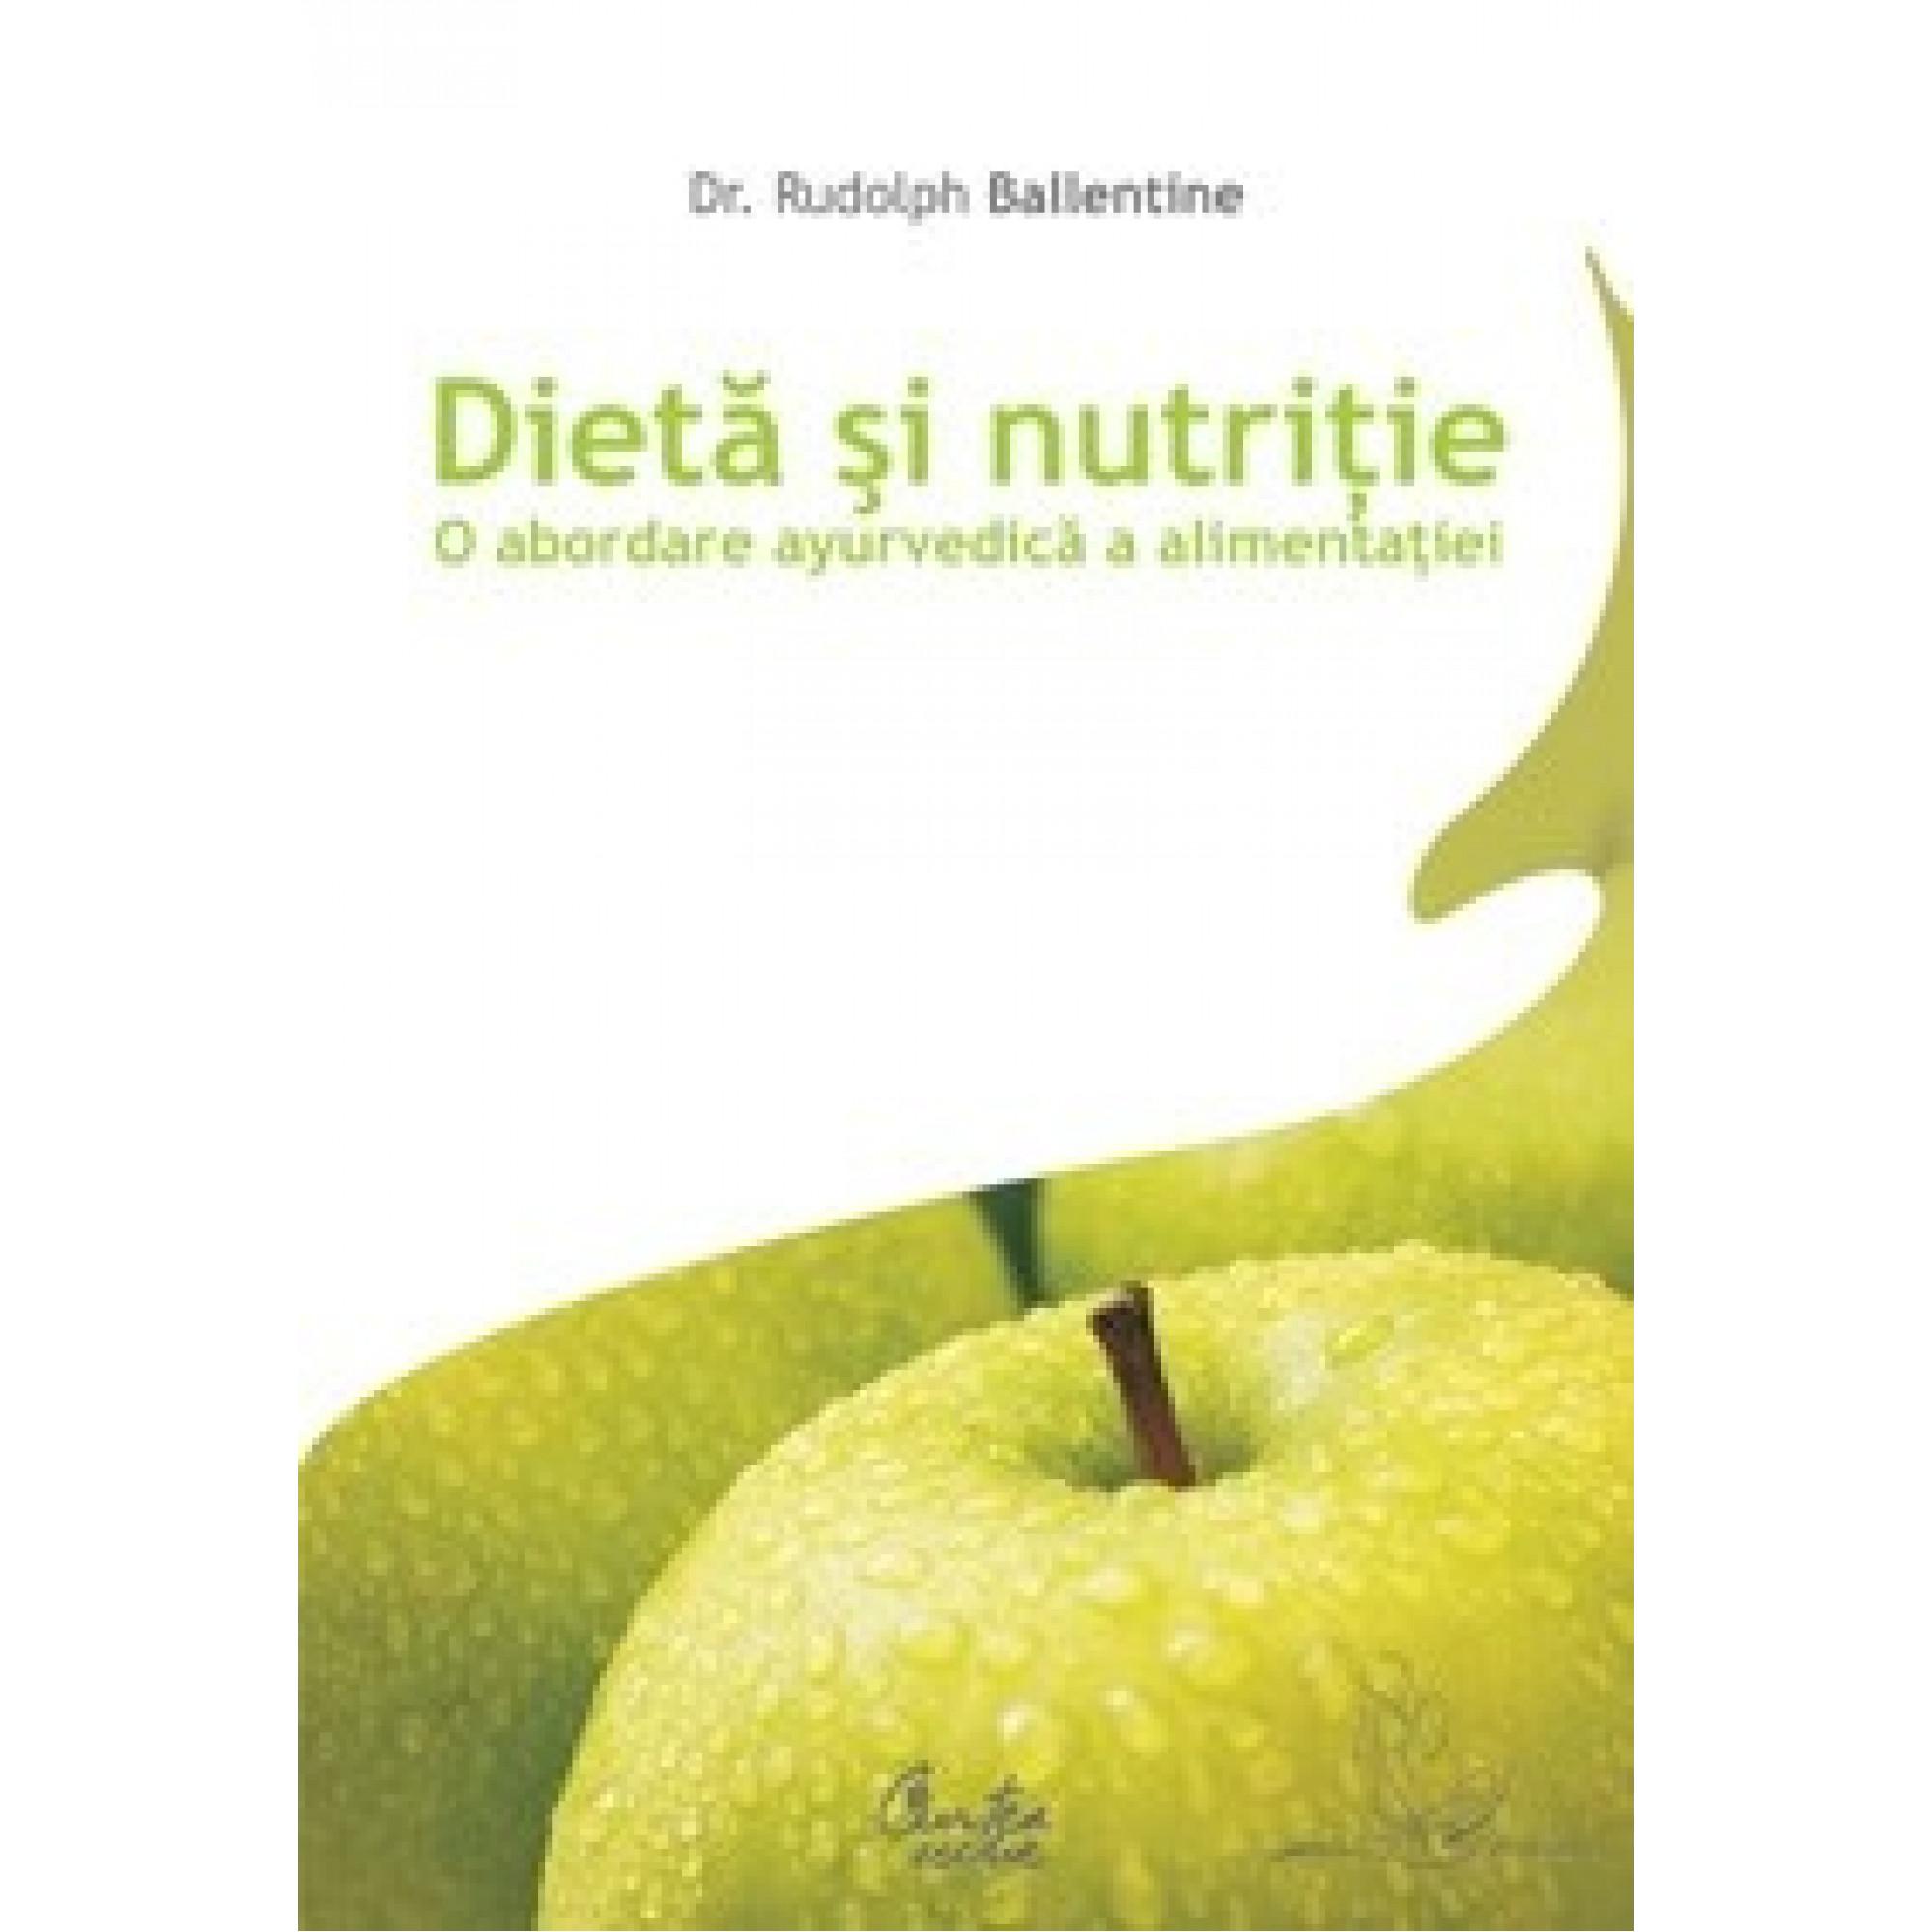 Dietă şi nutriţie. O abordare ayurvedică a alimentaţiei